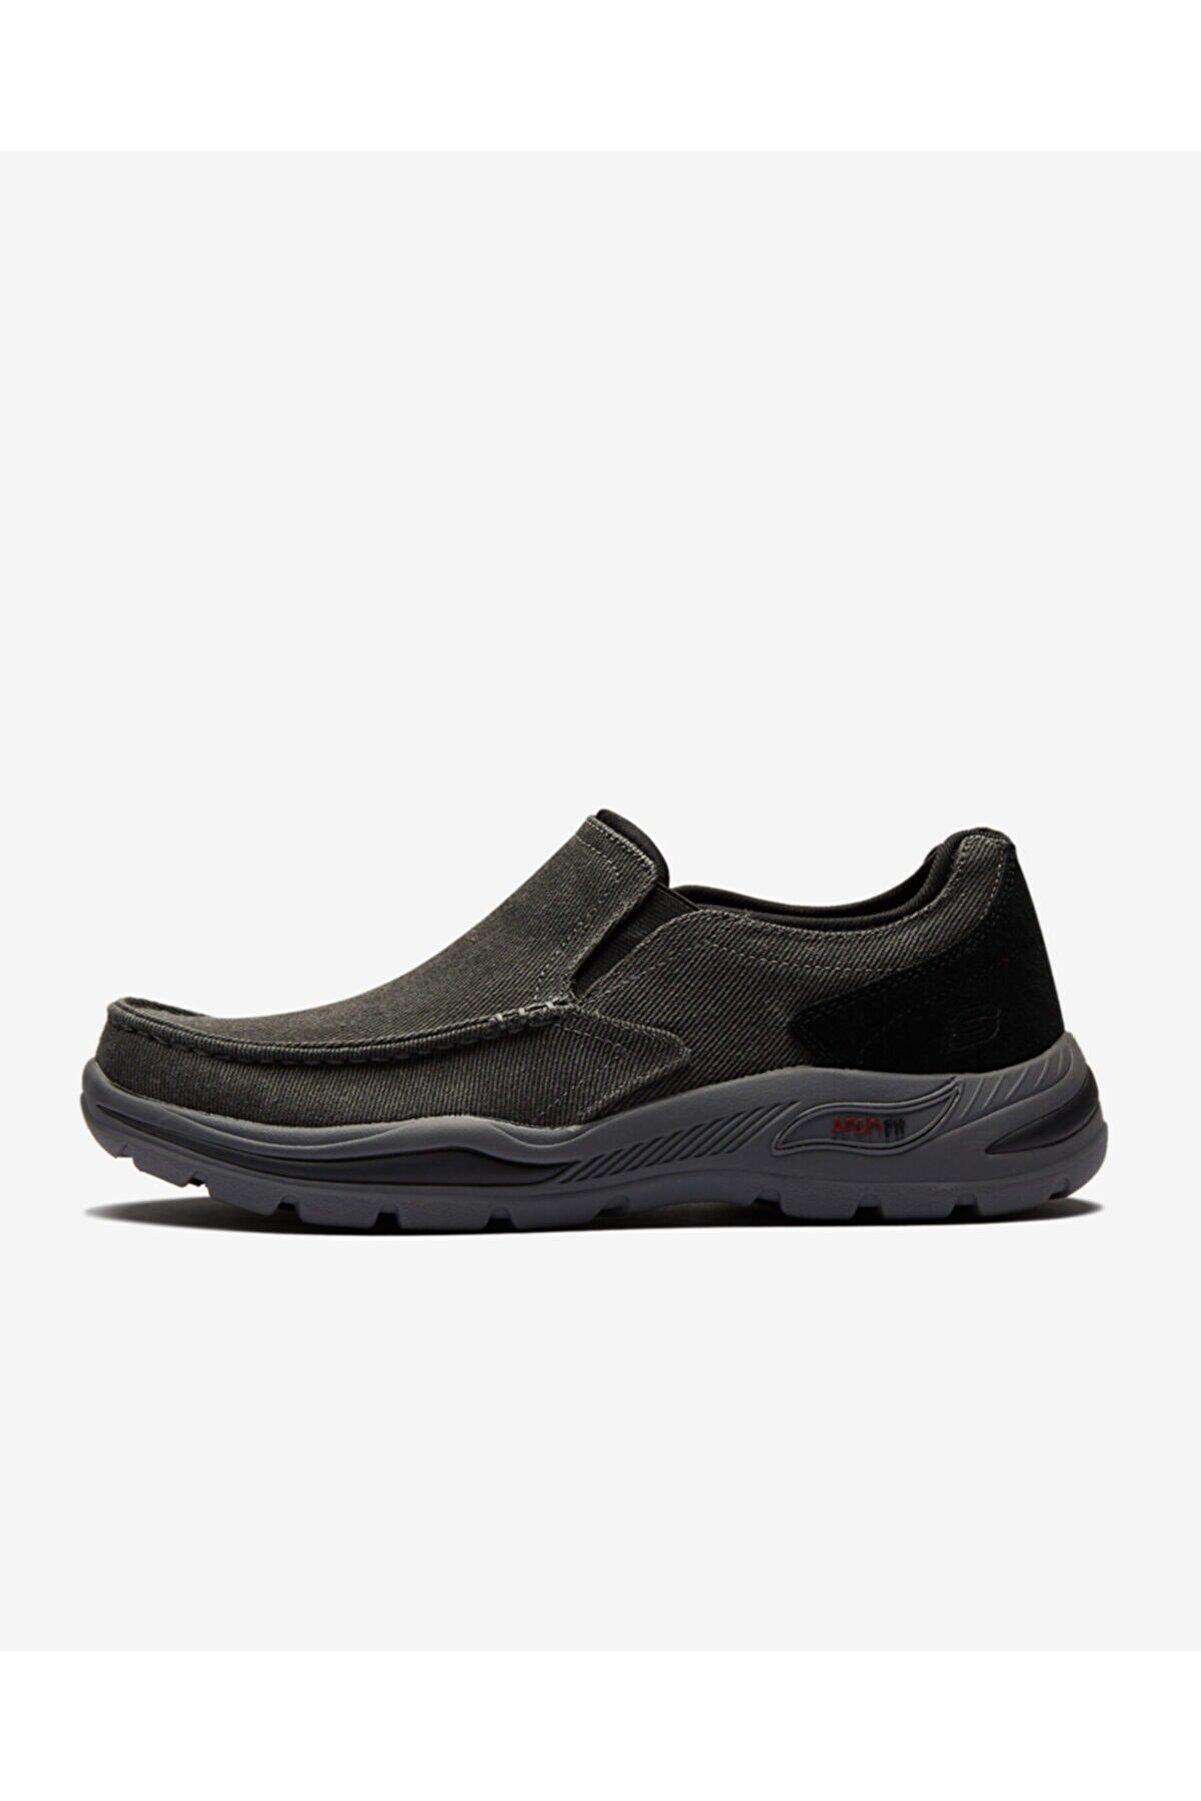 Skechers ARCH FIT MOTLEY - ROLENS Erkek Siyah Günlük Ayakkabı